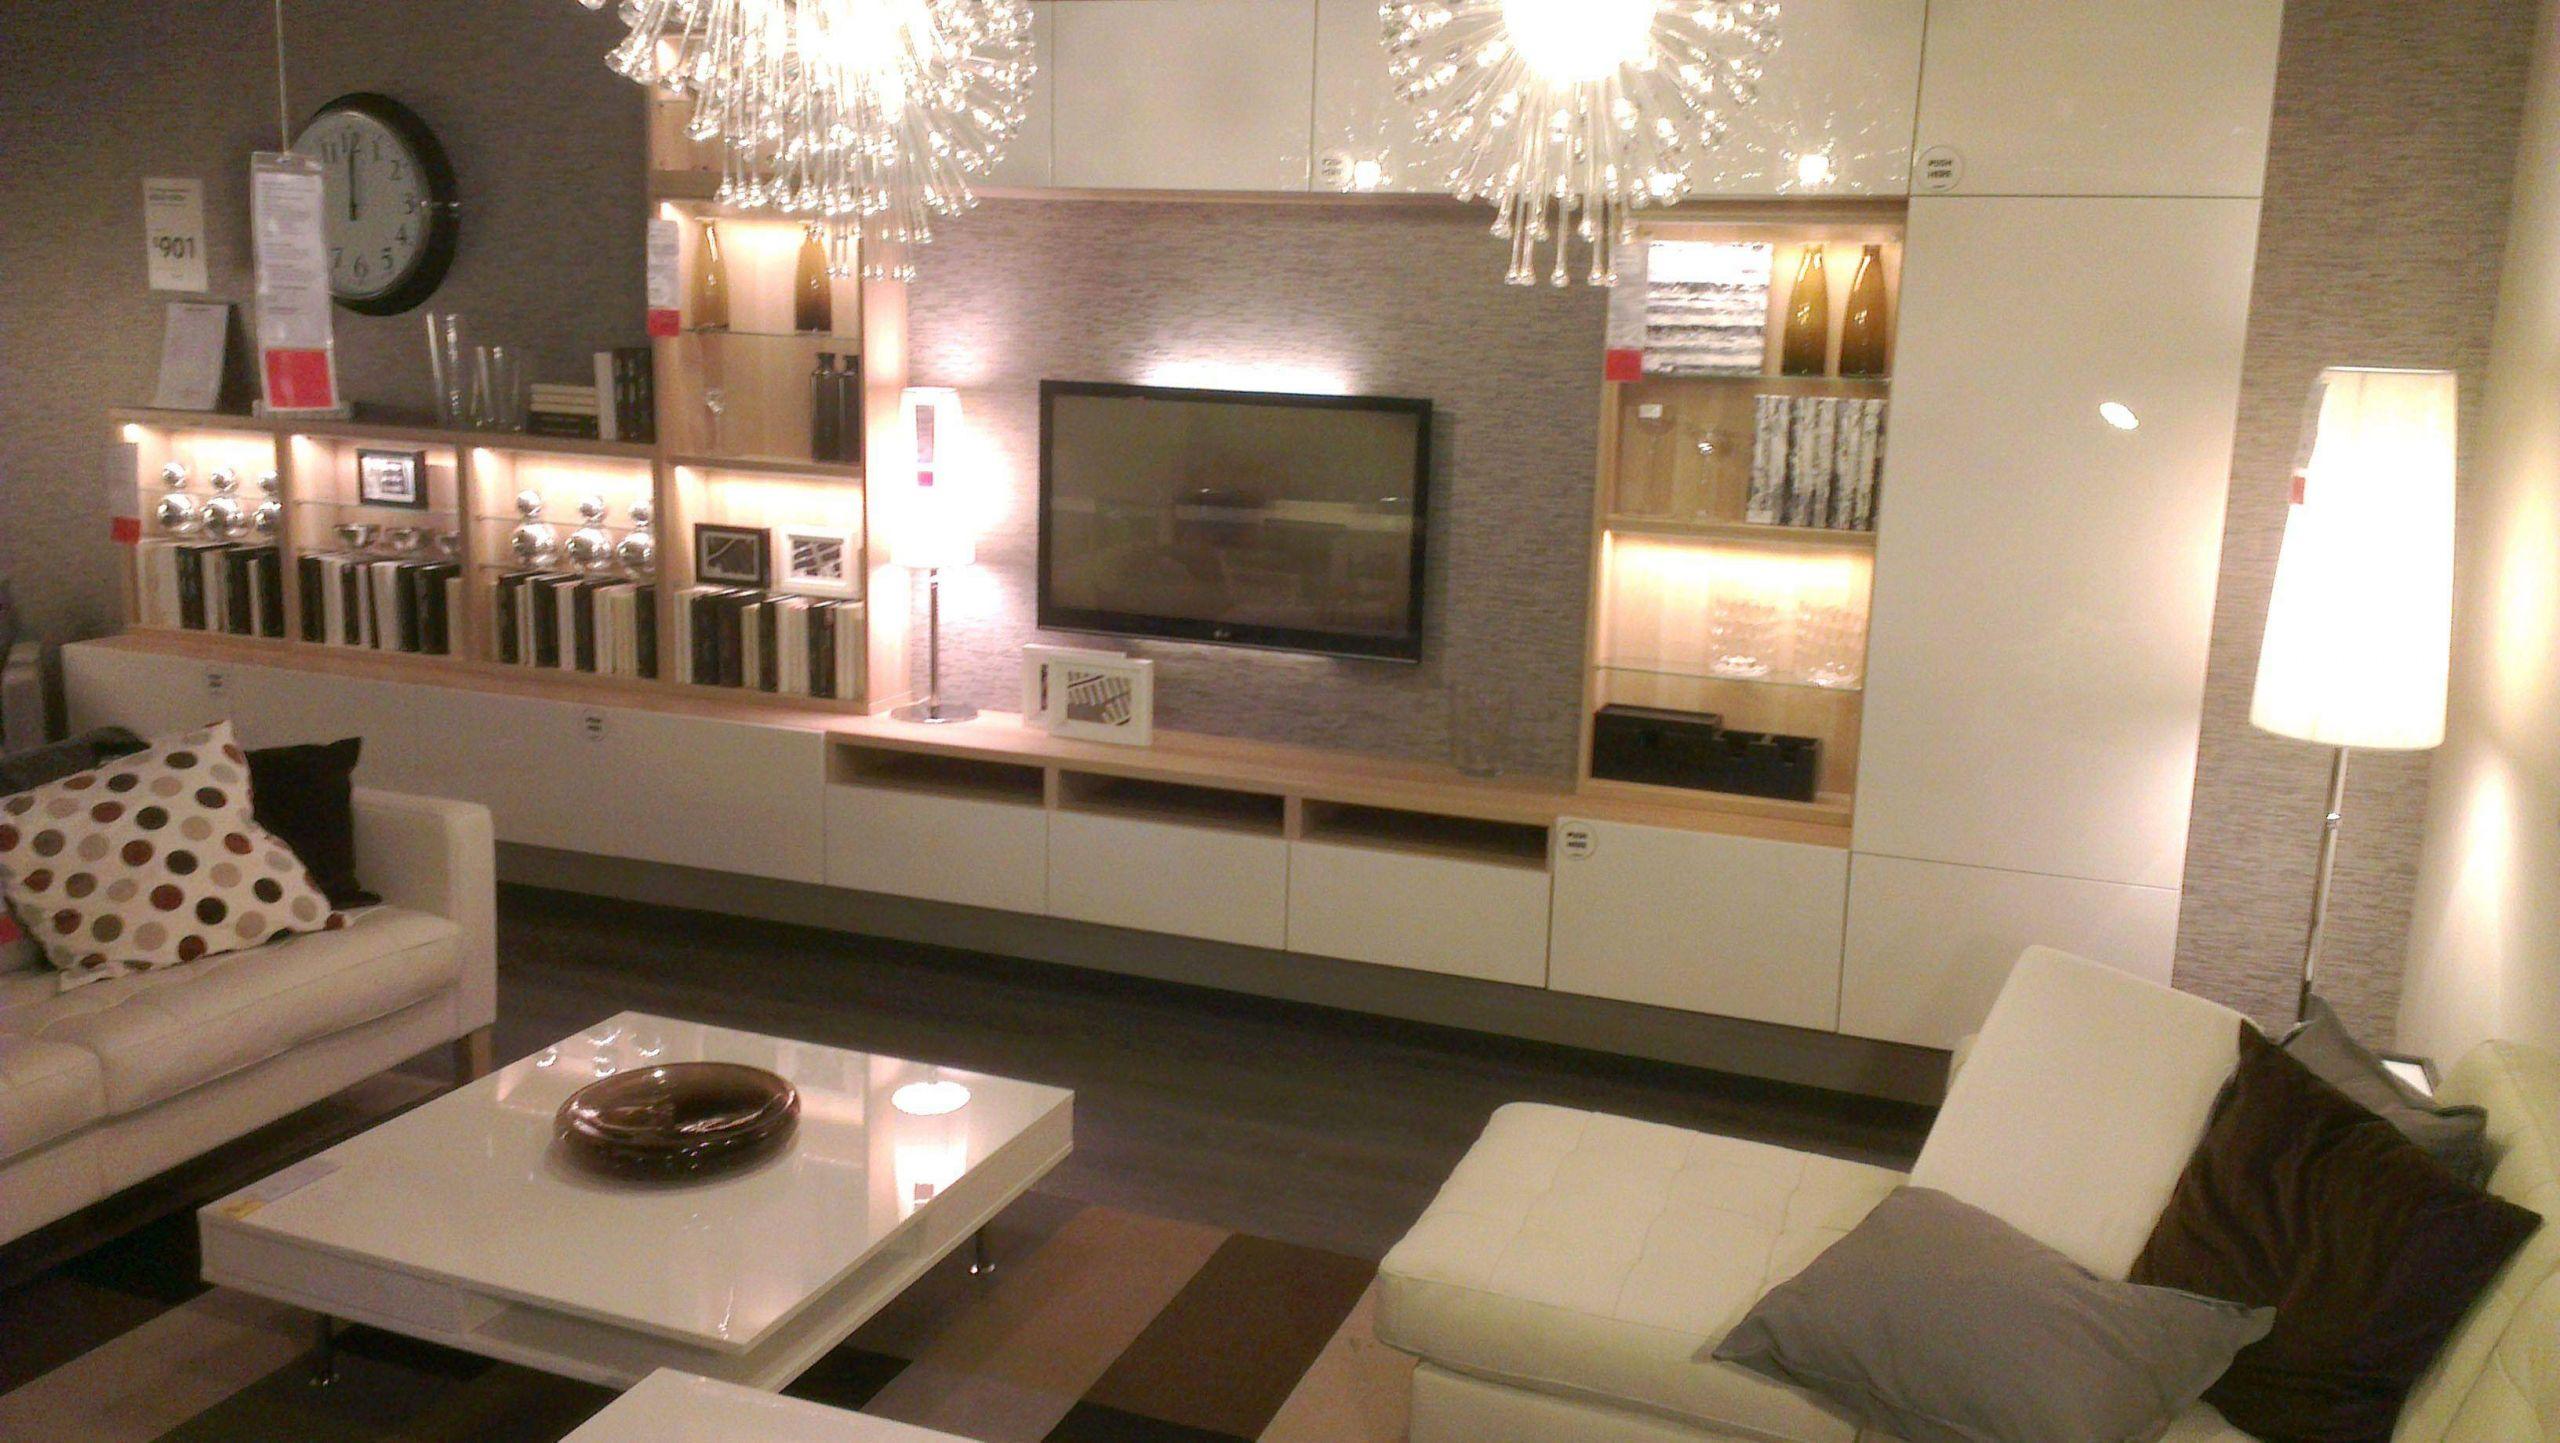 ikea besta wohnzimmer ideen luxus besta wohnzimmer ideen neu of ikea besta wohnzimmer ideen scaled